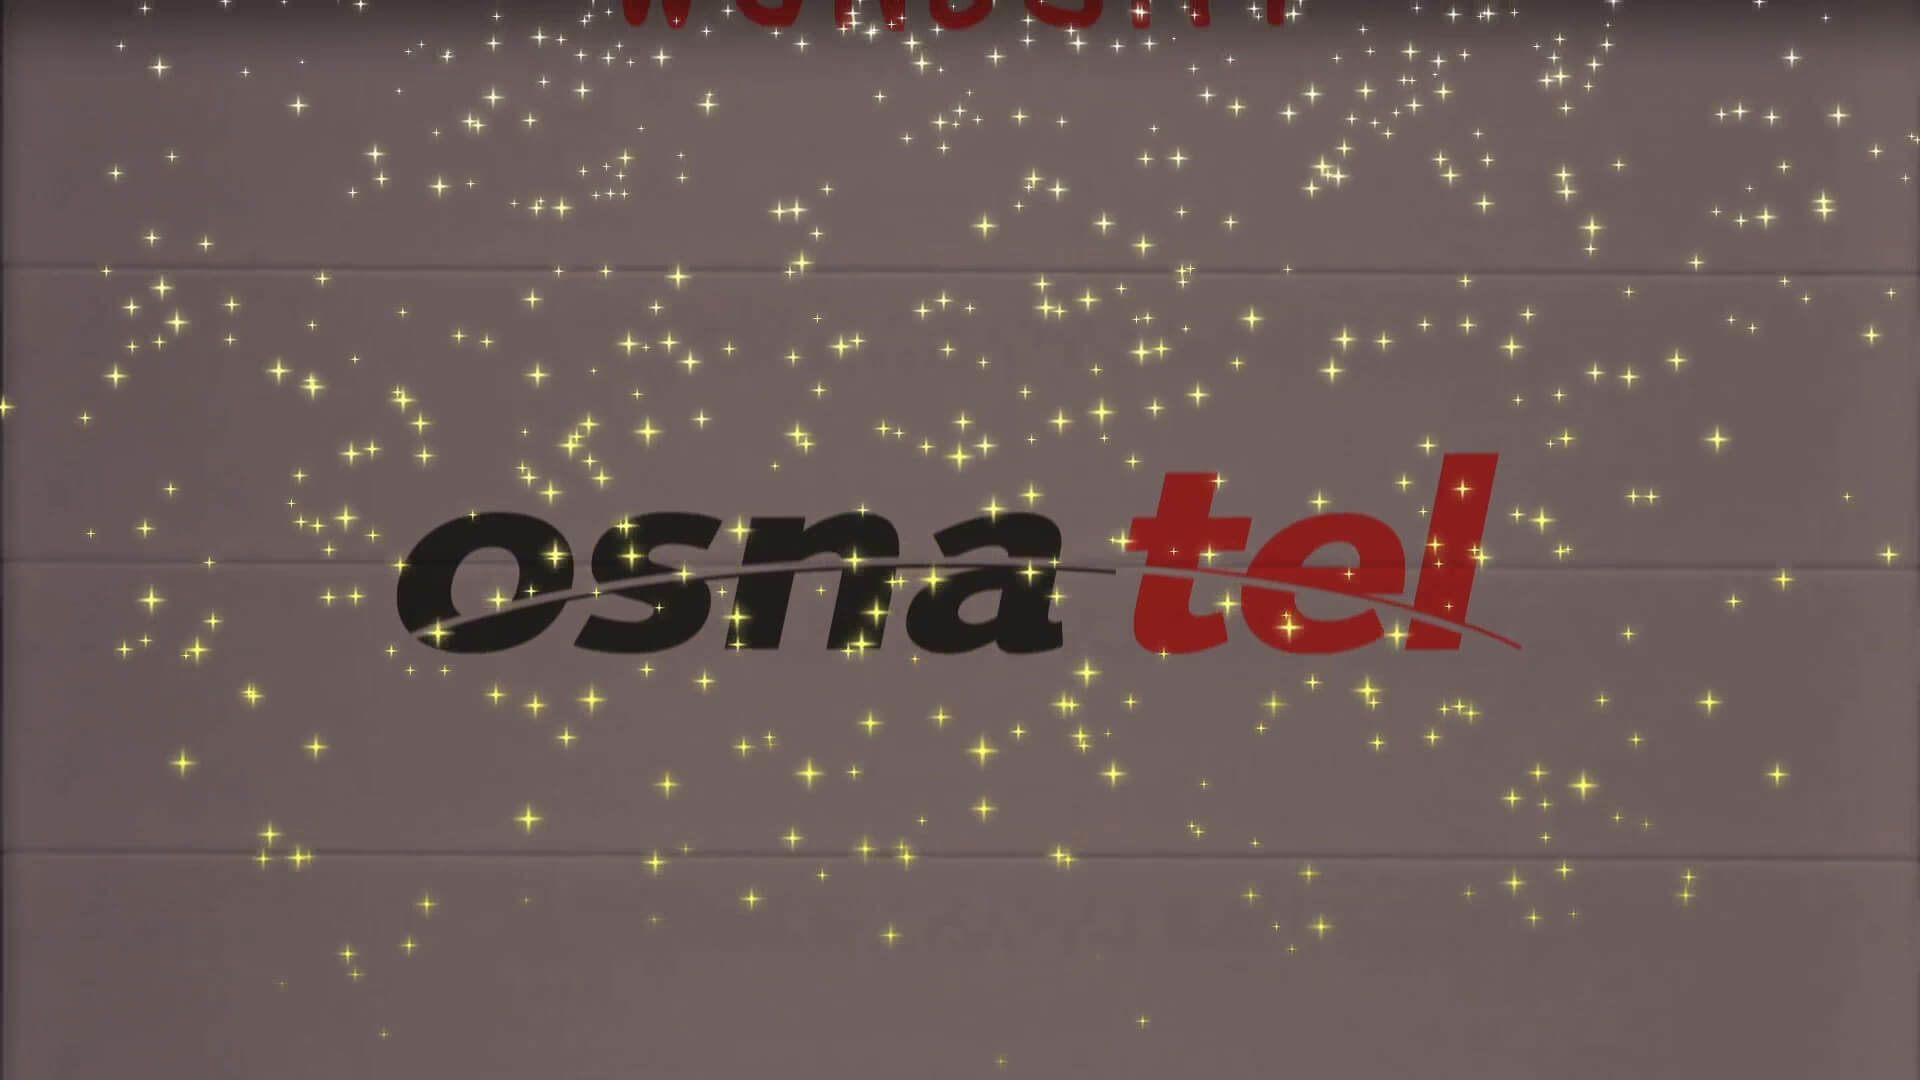 osnatel-weihnachtsgruss-2017-abspann-logo